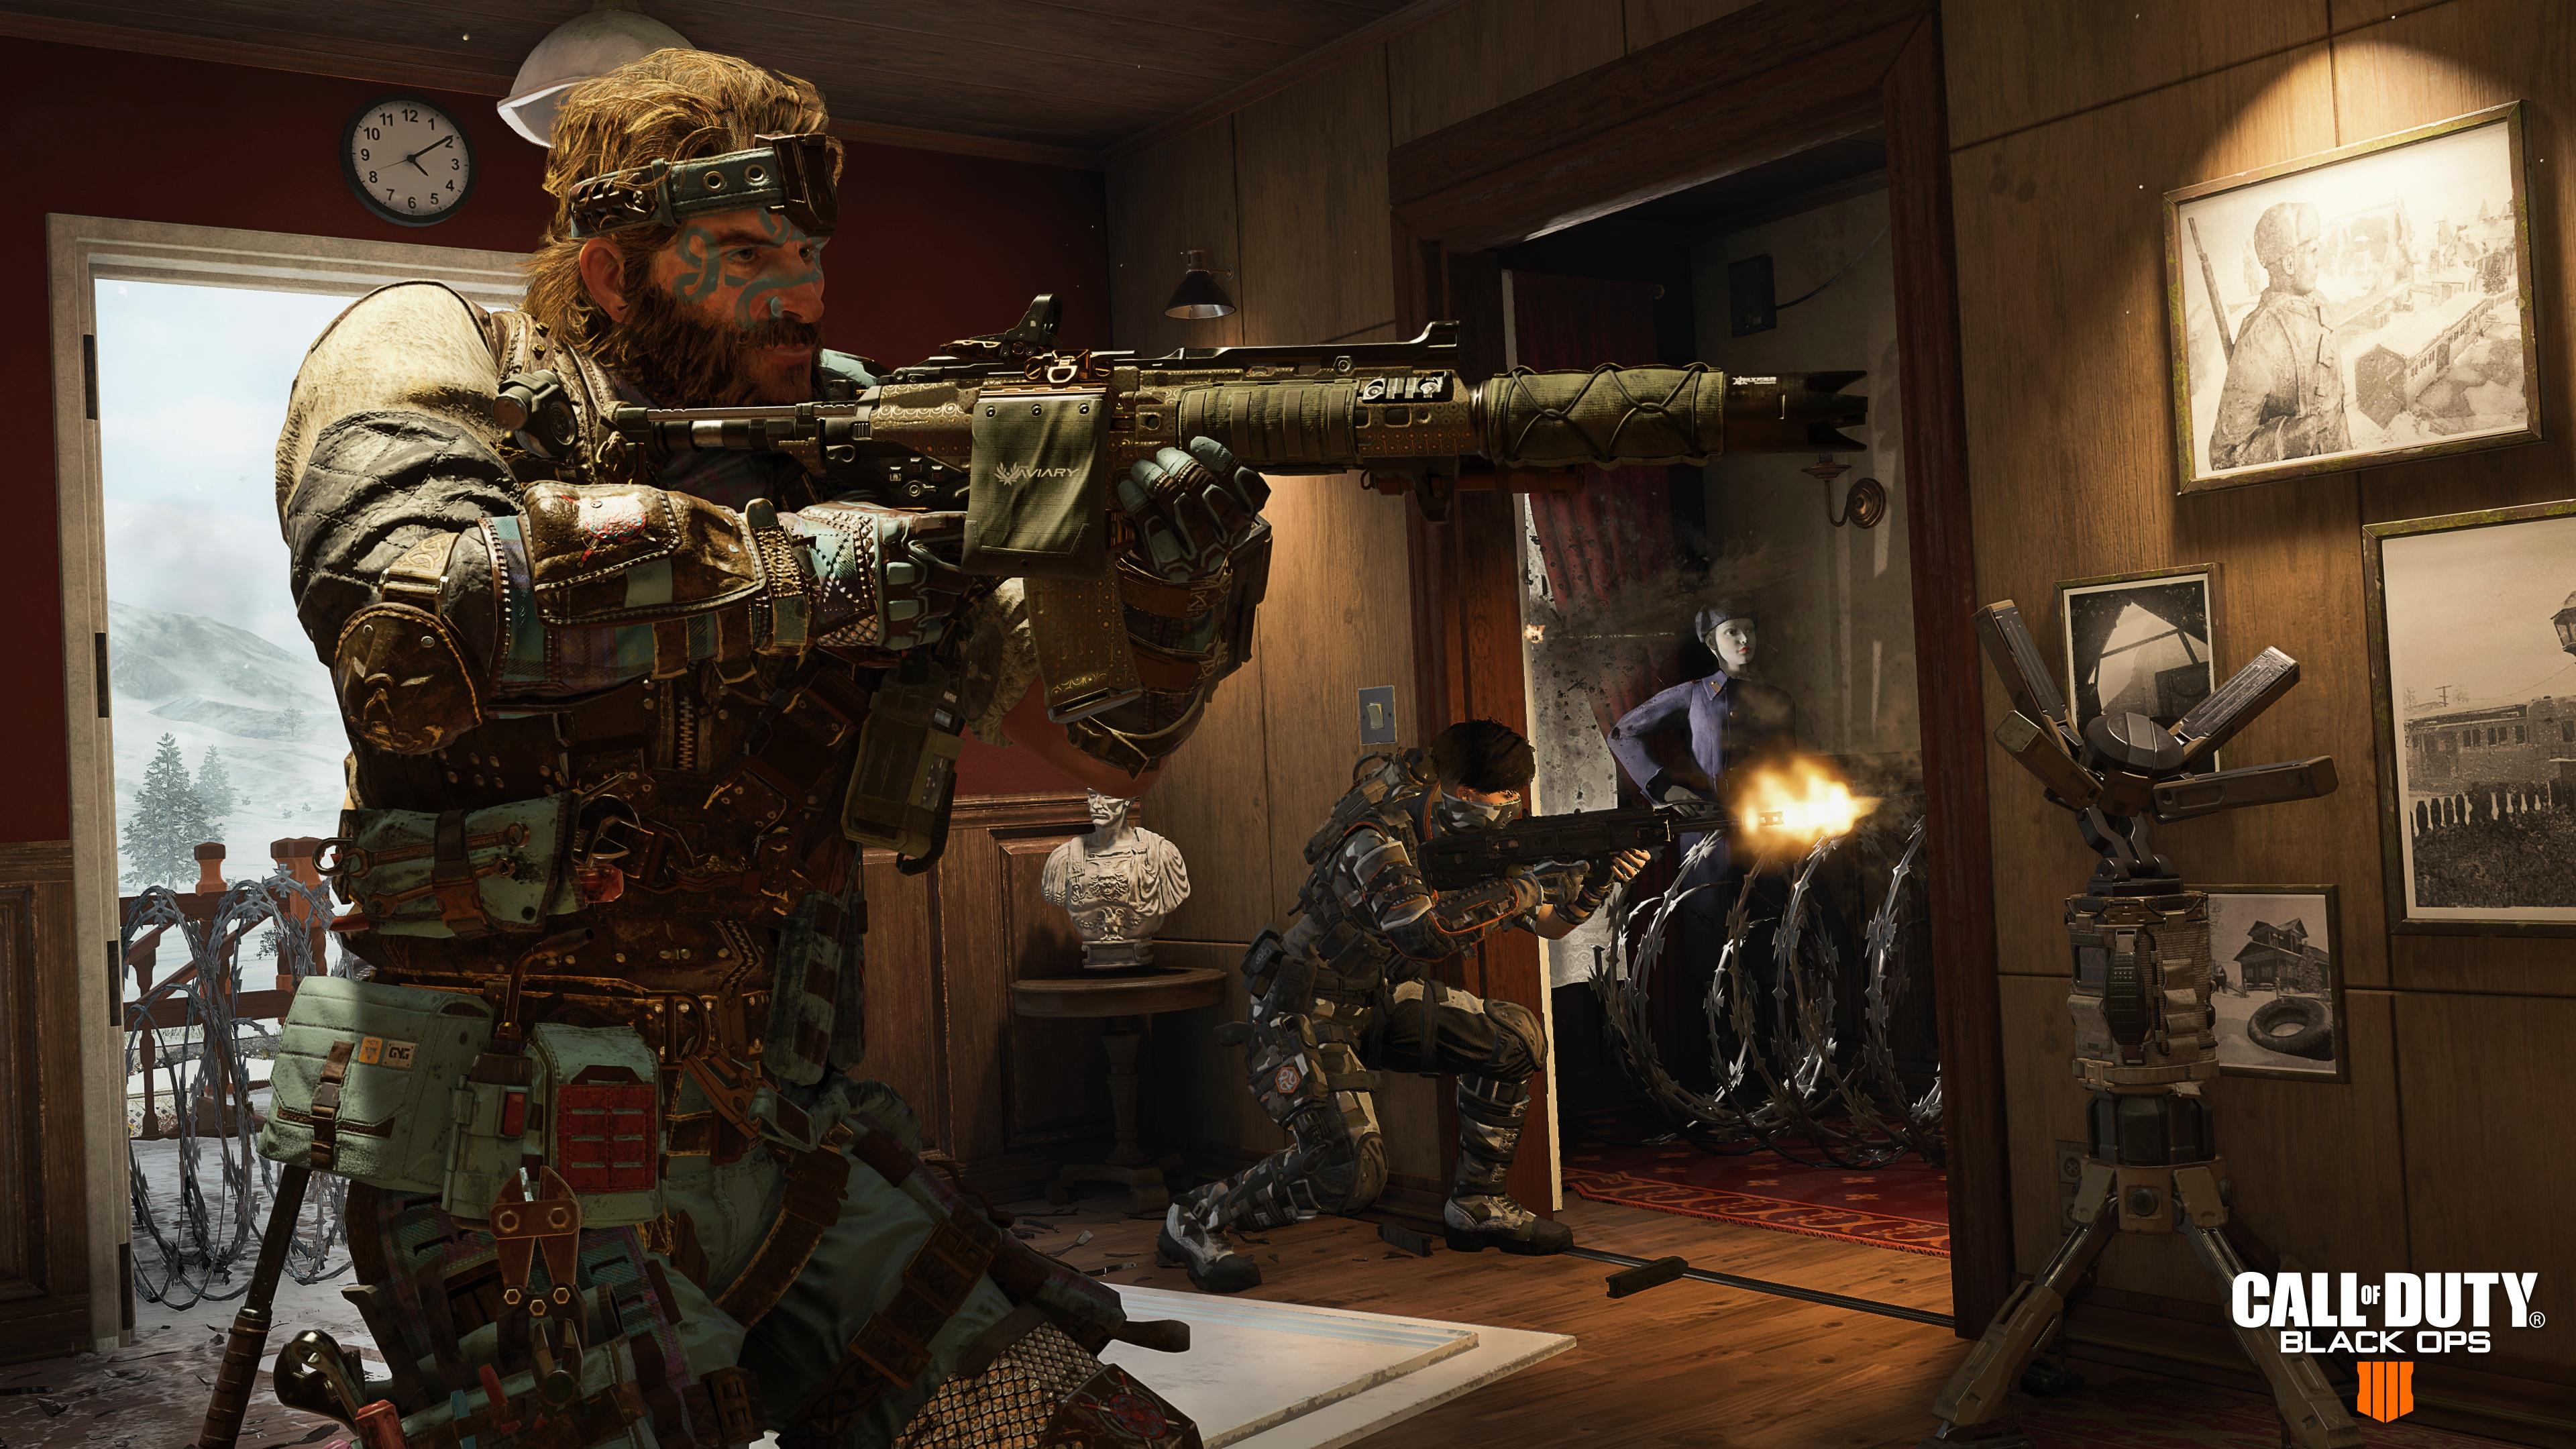 Call Of Duty Black Ops 4 4k - HD Wallpaper